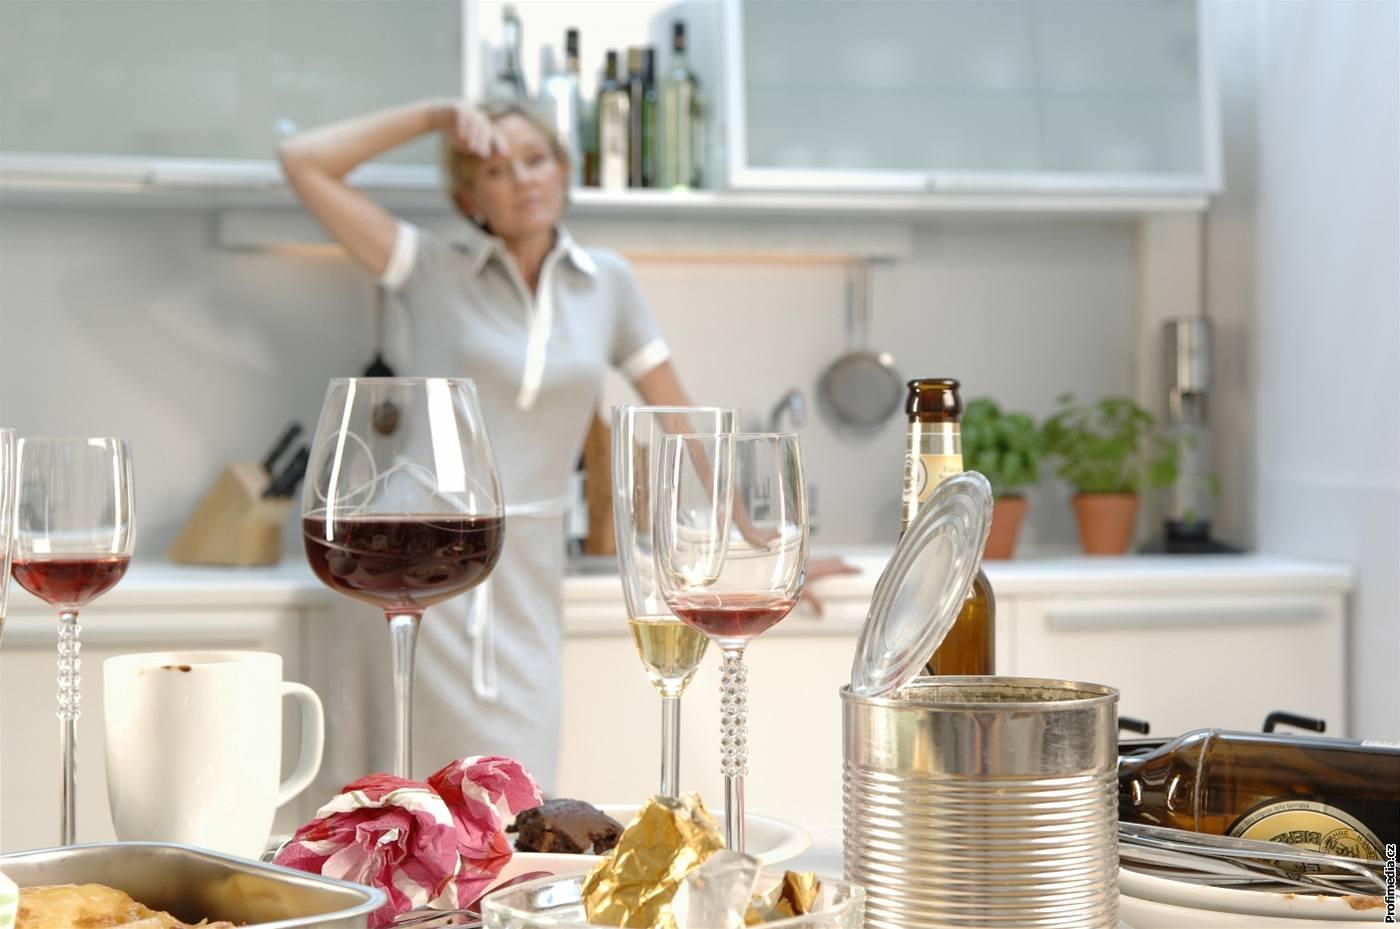 Príručka pre dôkladný novoročný detox domácnosti: začnite rok s čistým štítom.  -IveKol